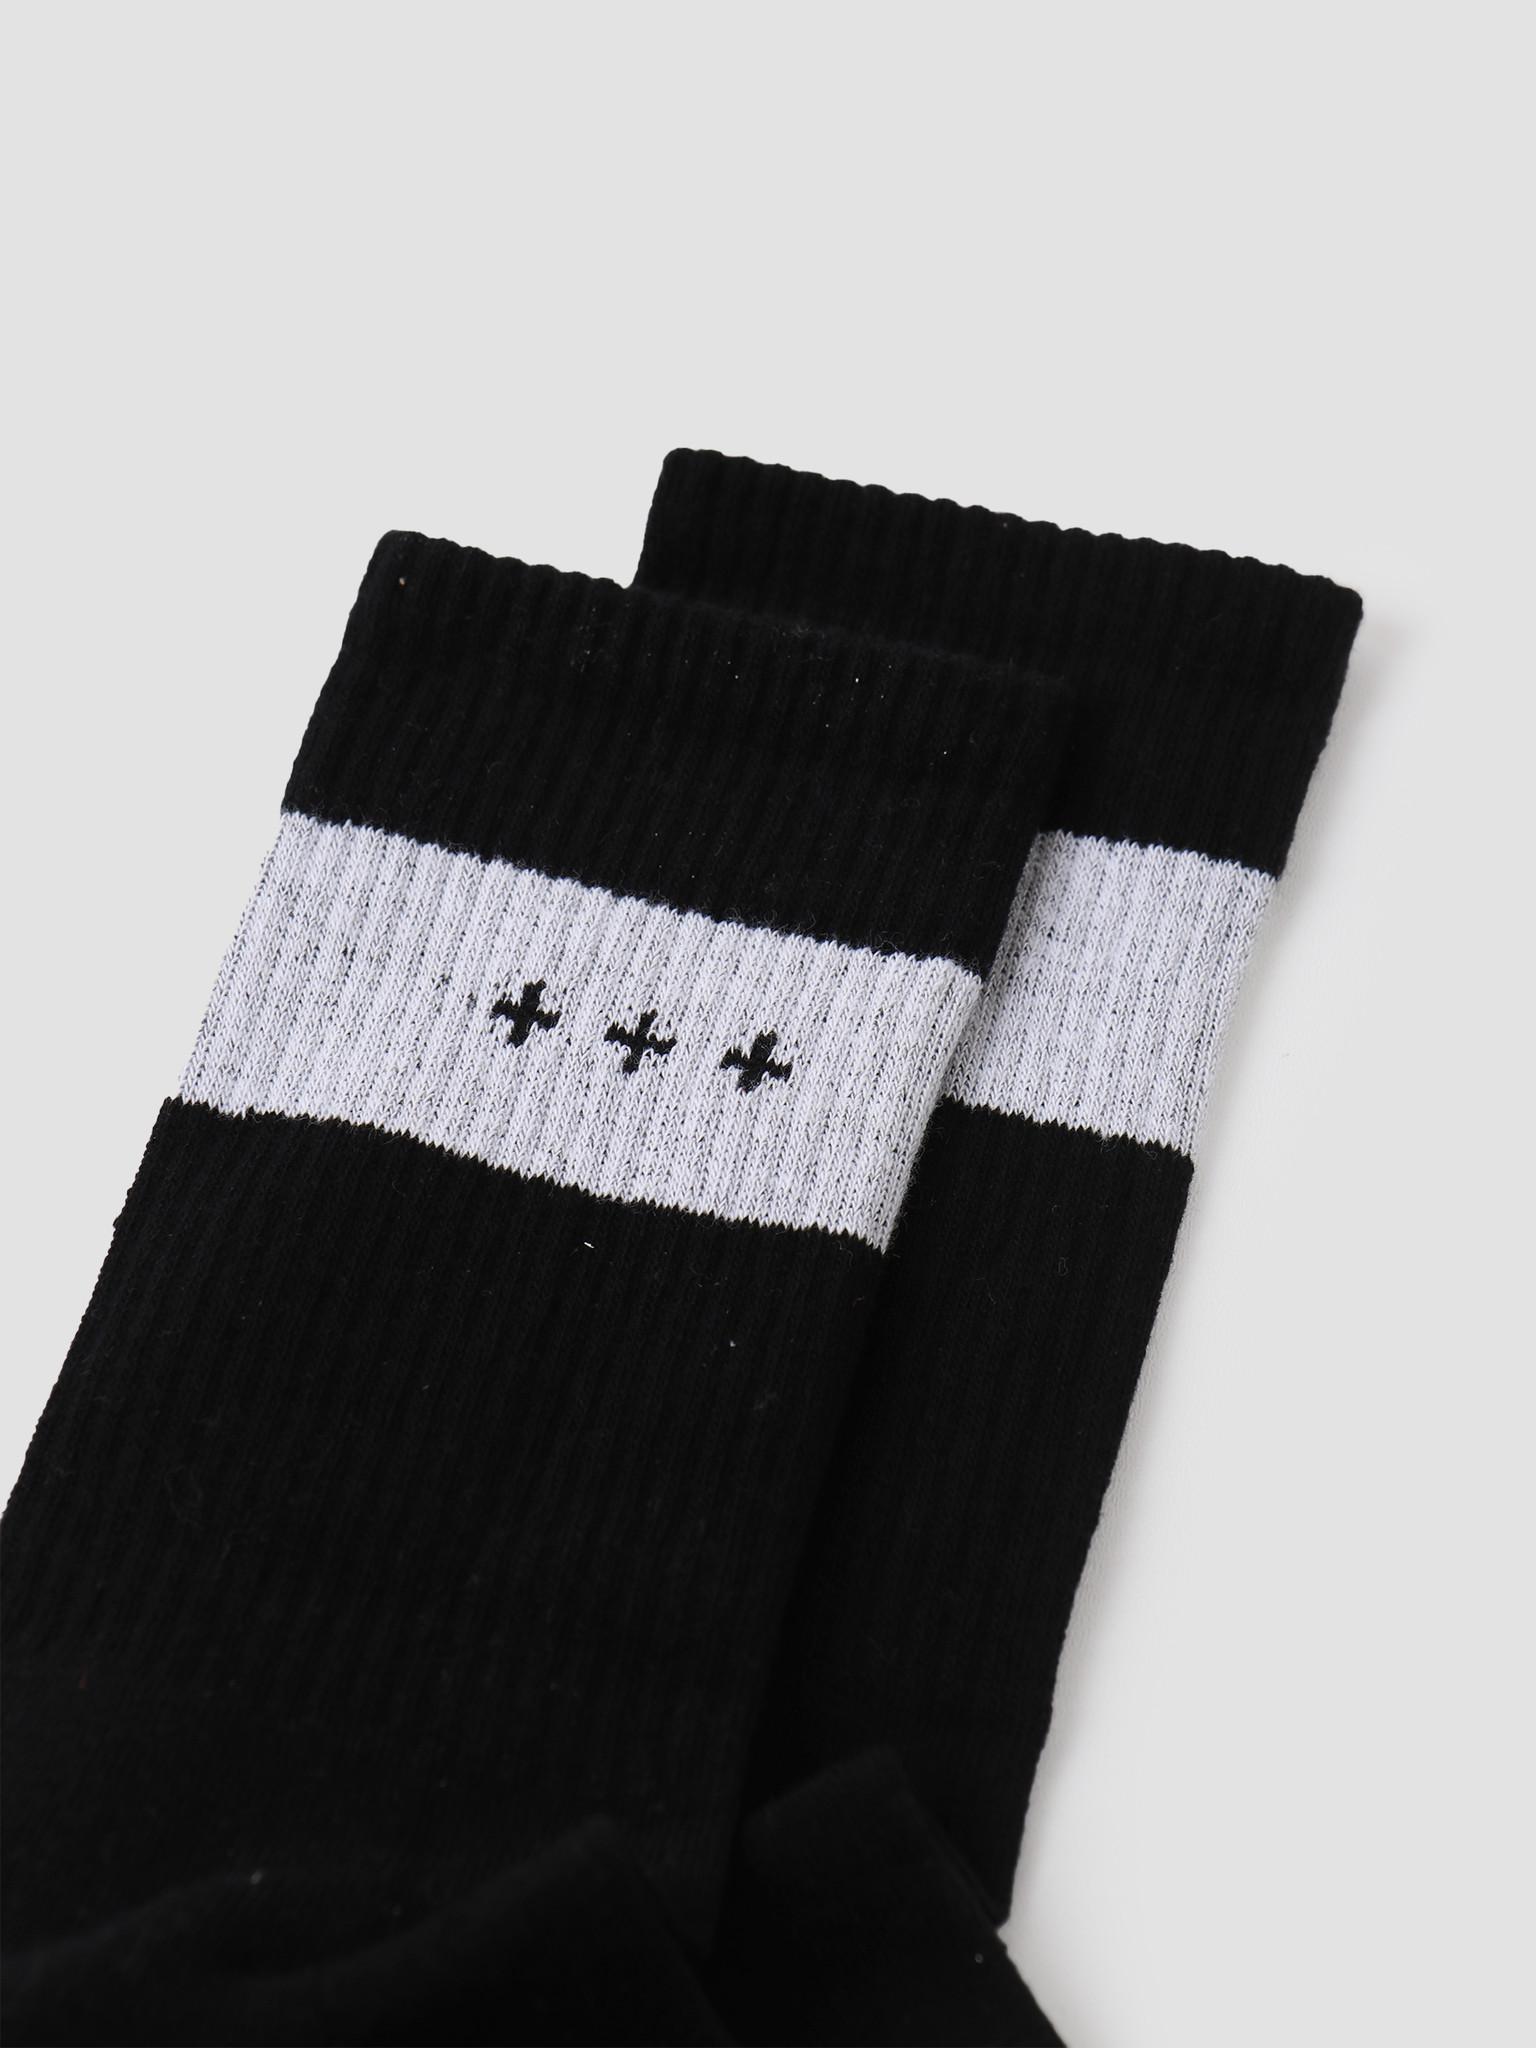 Quality Blanks Quality Blanks 3-Pack QB13 Socks Black Salmon Lilac